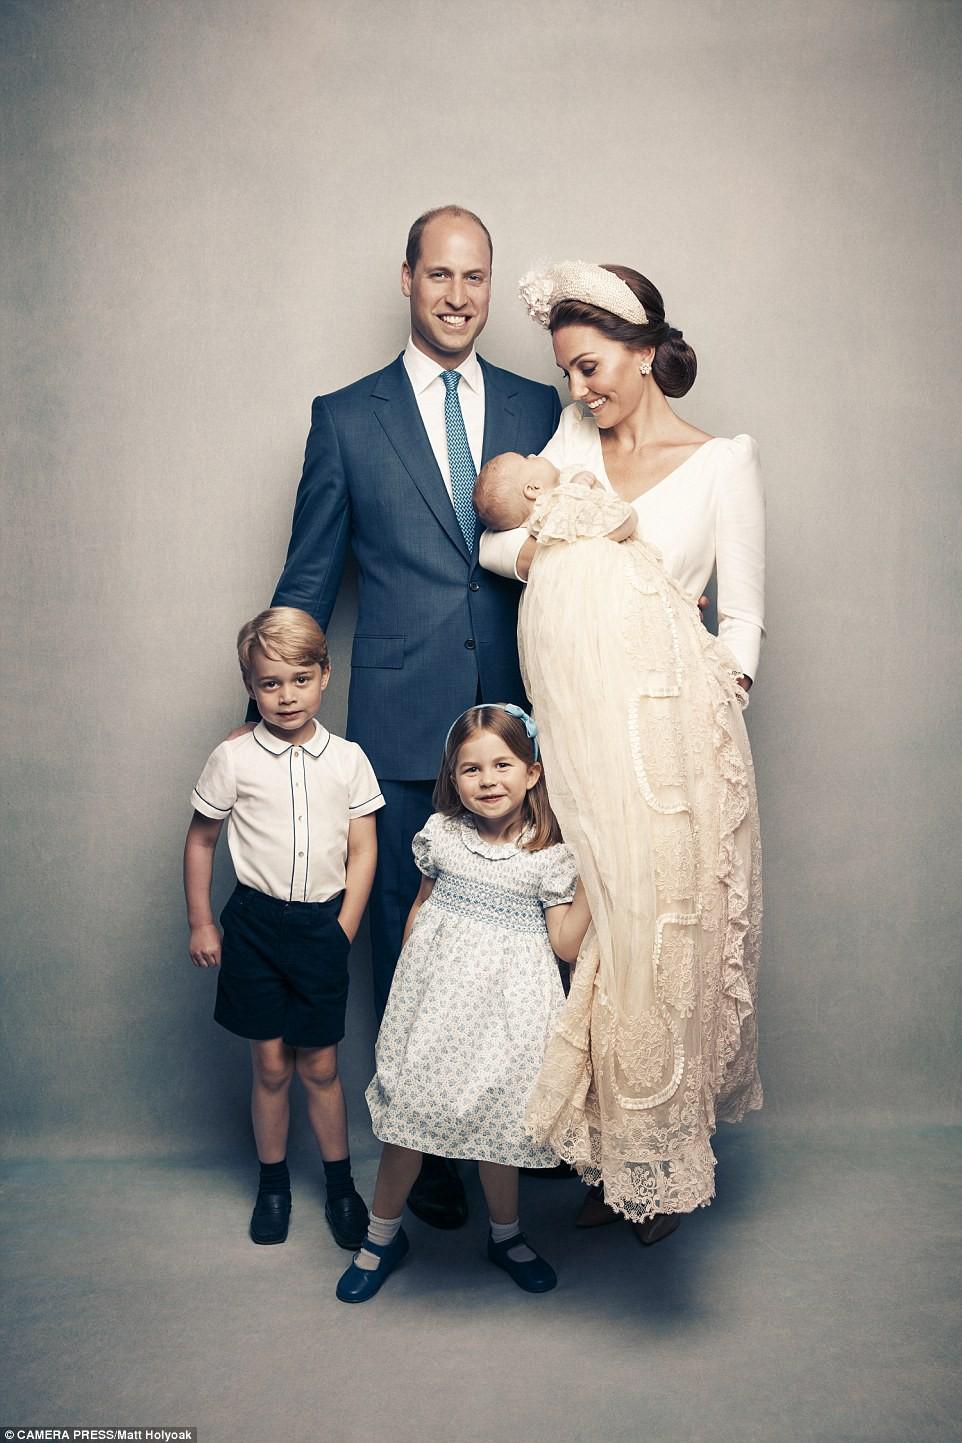 Công bố ảnh chính thức lễ rửa tội Hoàng tử Louis: Gia đình William - Kate hạnh phúc rạng ngời, nhà ngoại đẹp lấn át thông gia bên nội - Ảnh 3.